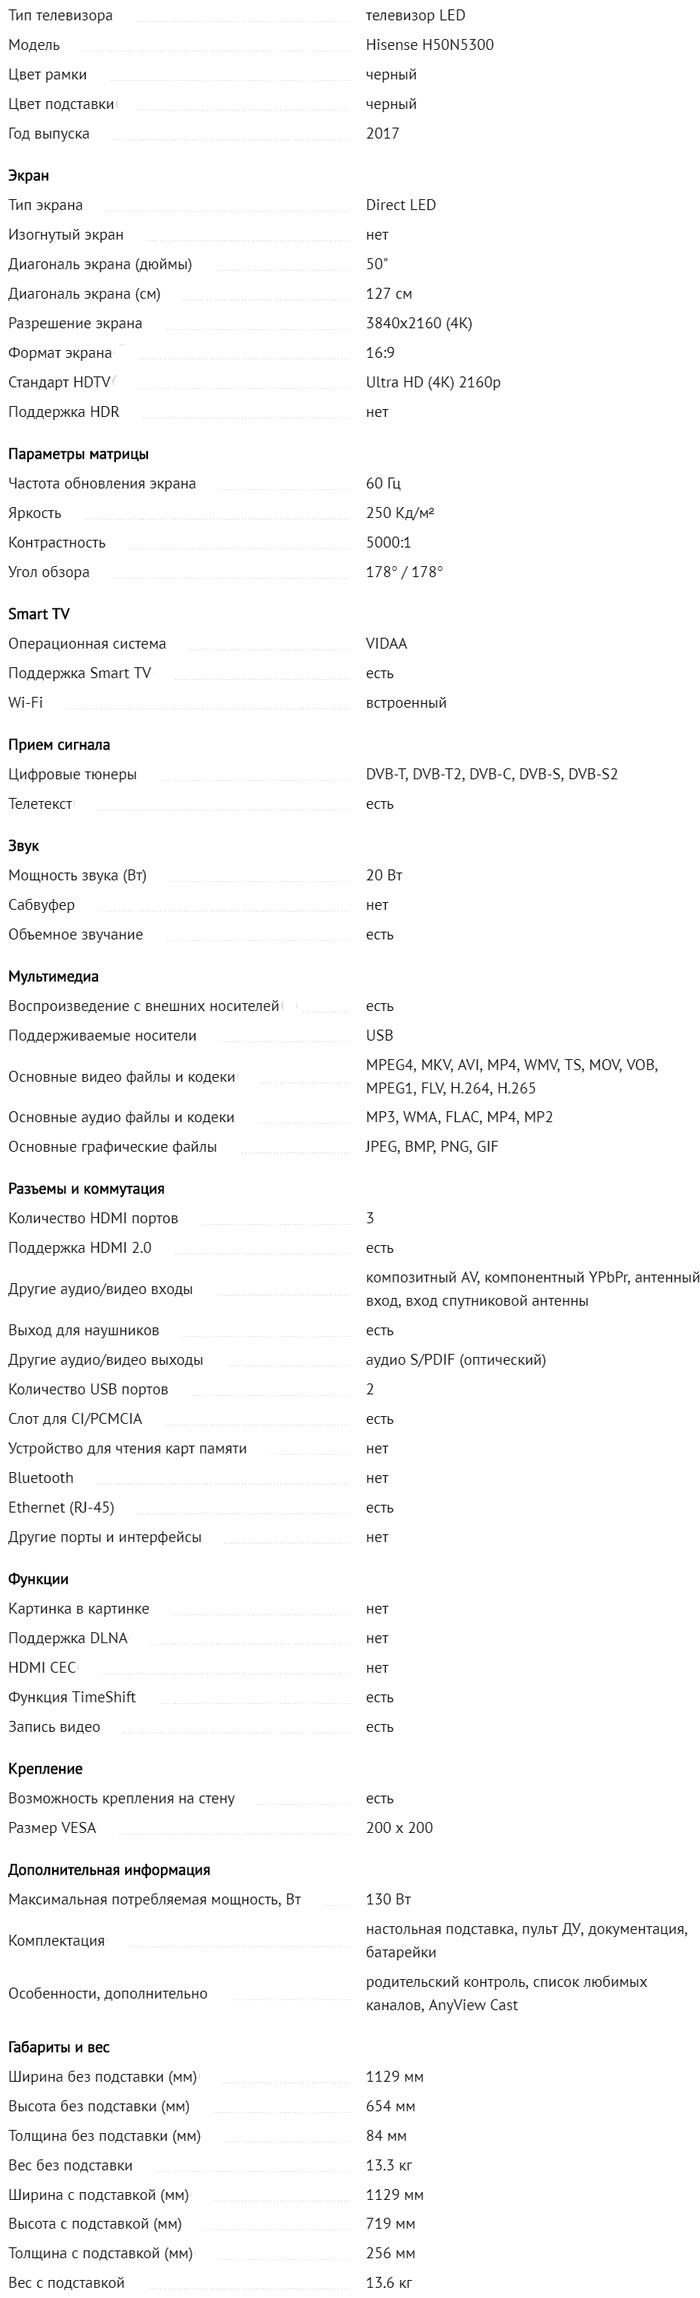 Характеристики H50N5300